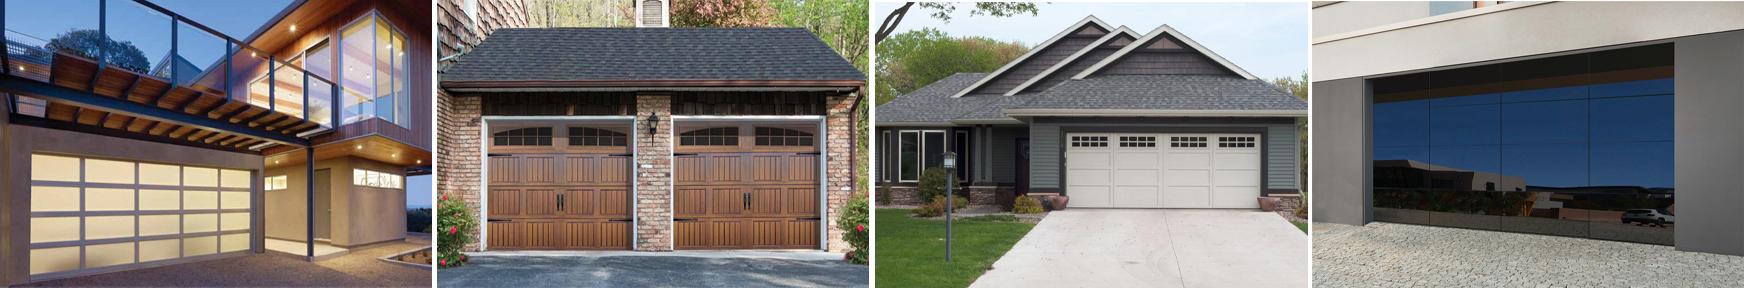 Residential Garage Door Group